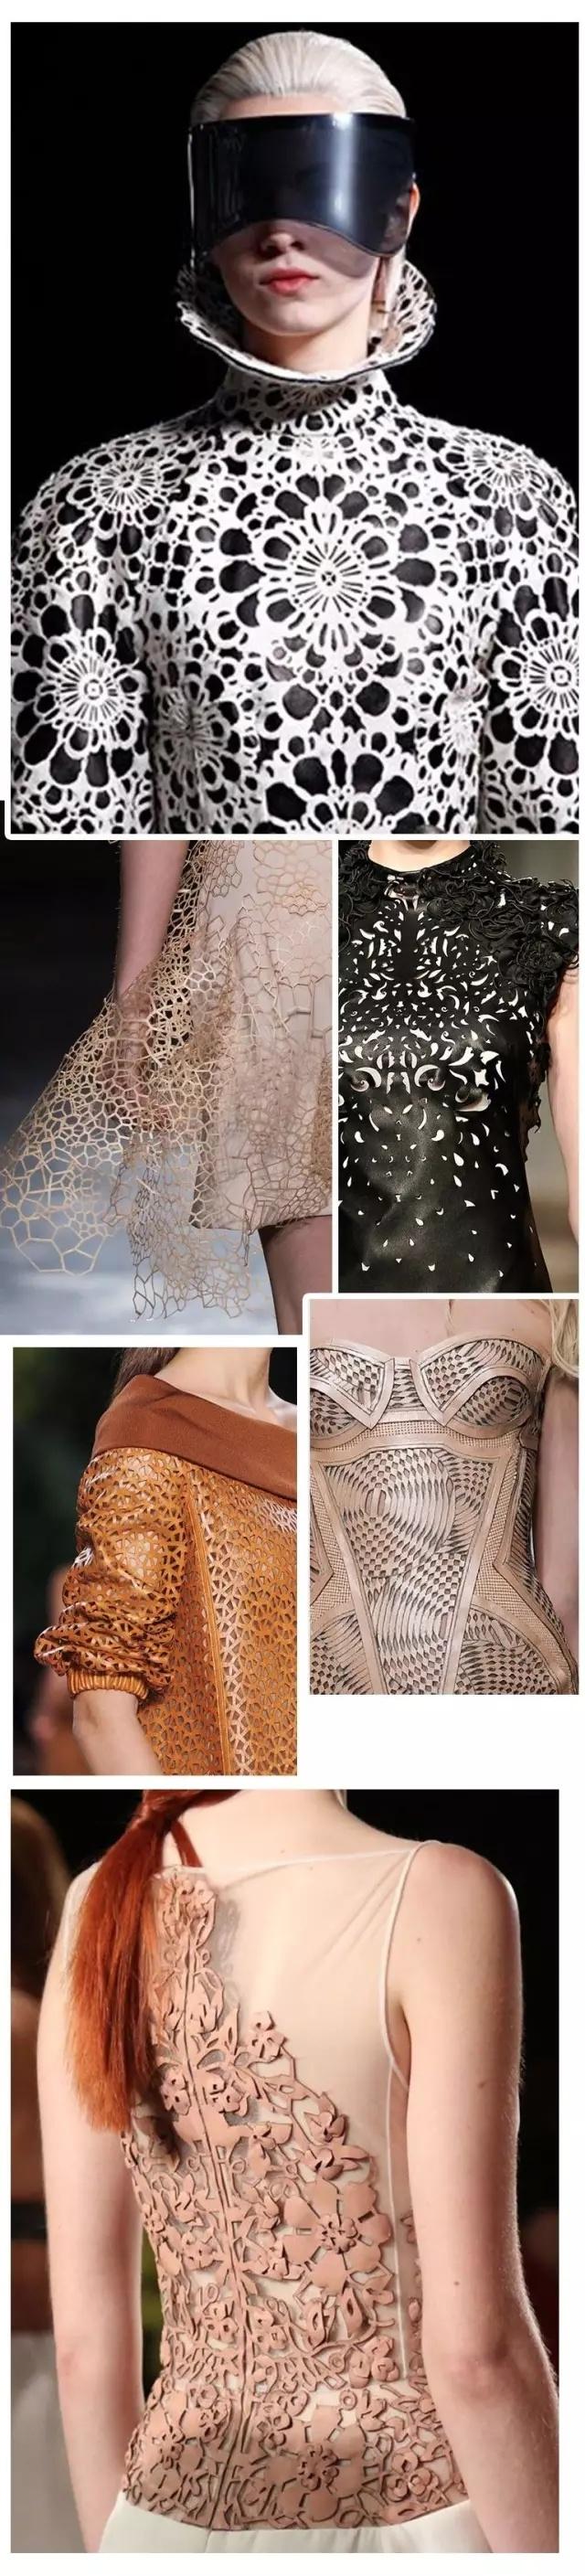 搭配经 | 秋冬怎么顽皮-玩皮 - toni雌和尚 - toni 雌和尚的时尚经